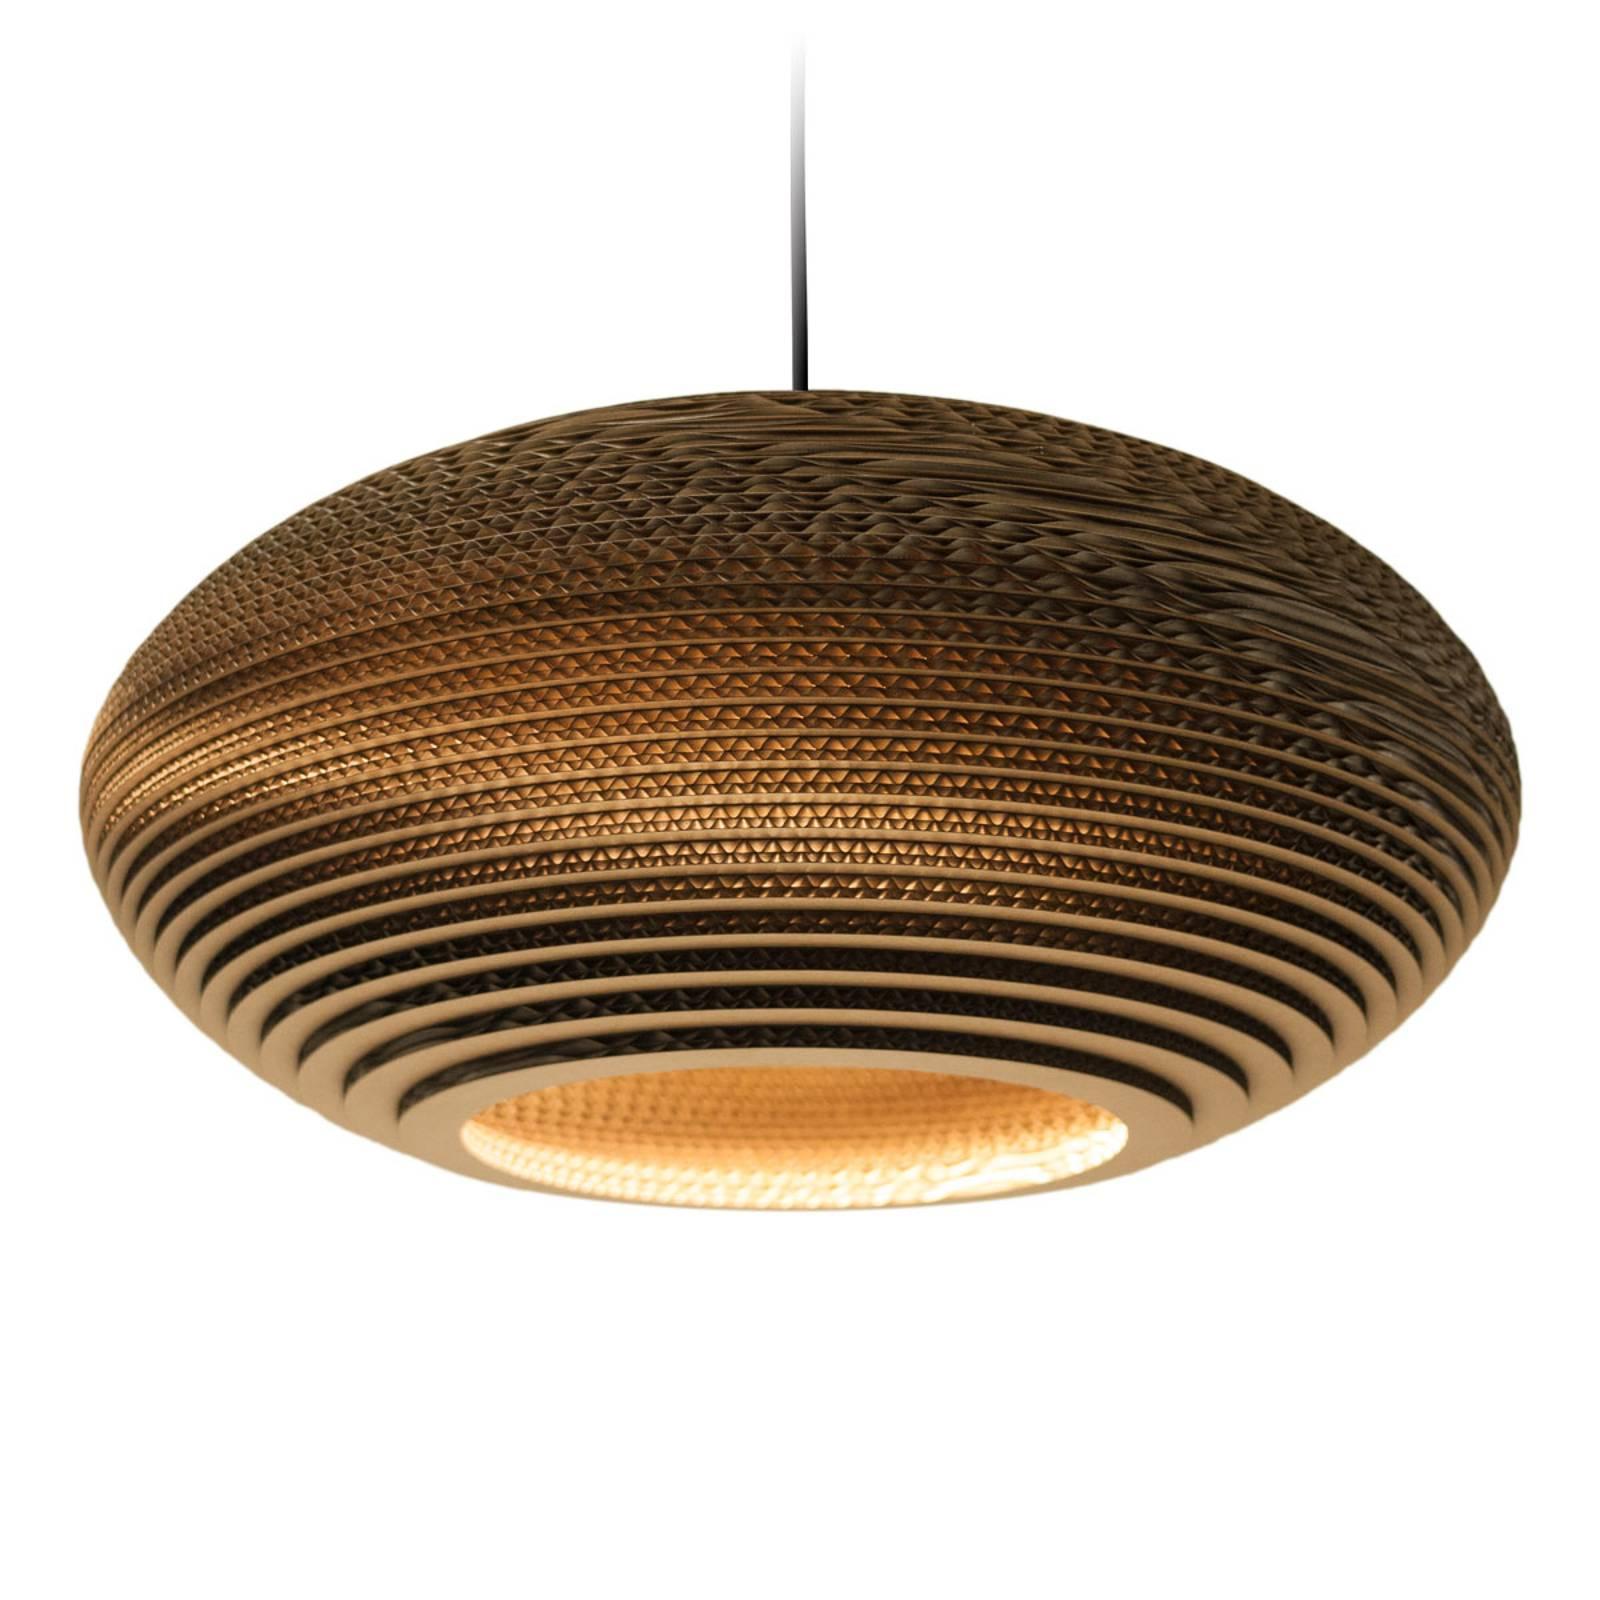 Lampa wisząca Disc brązowa Ø 50 cm